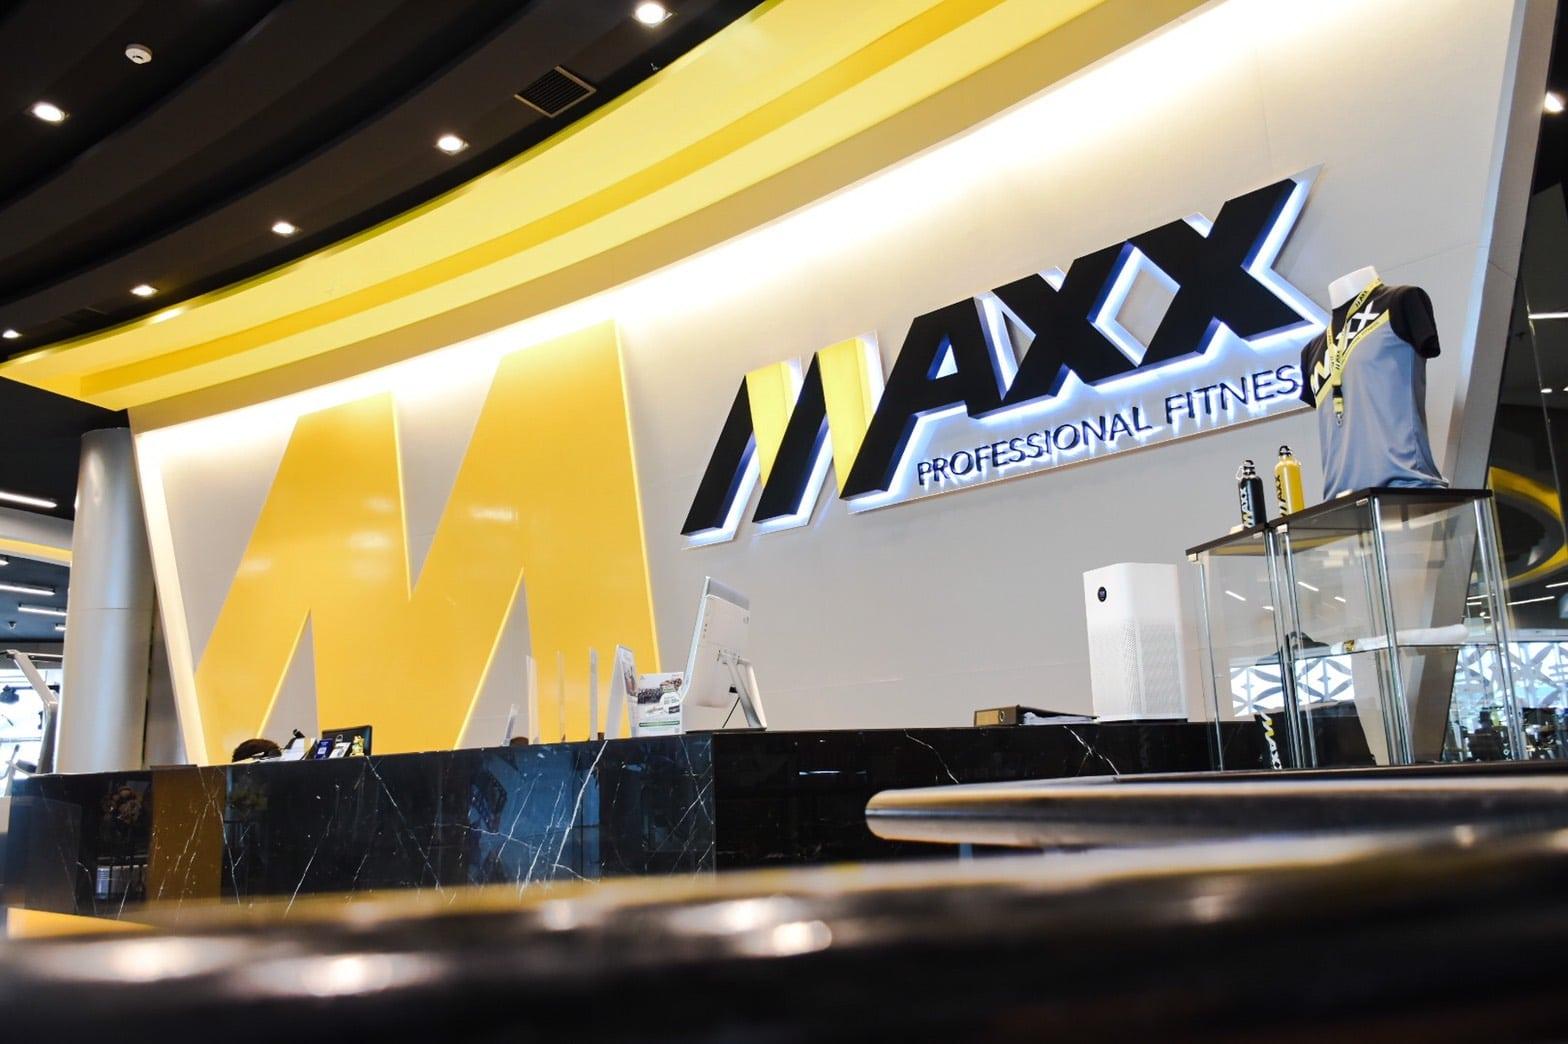 Maxx Professional Fitness